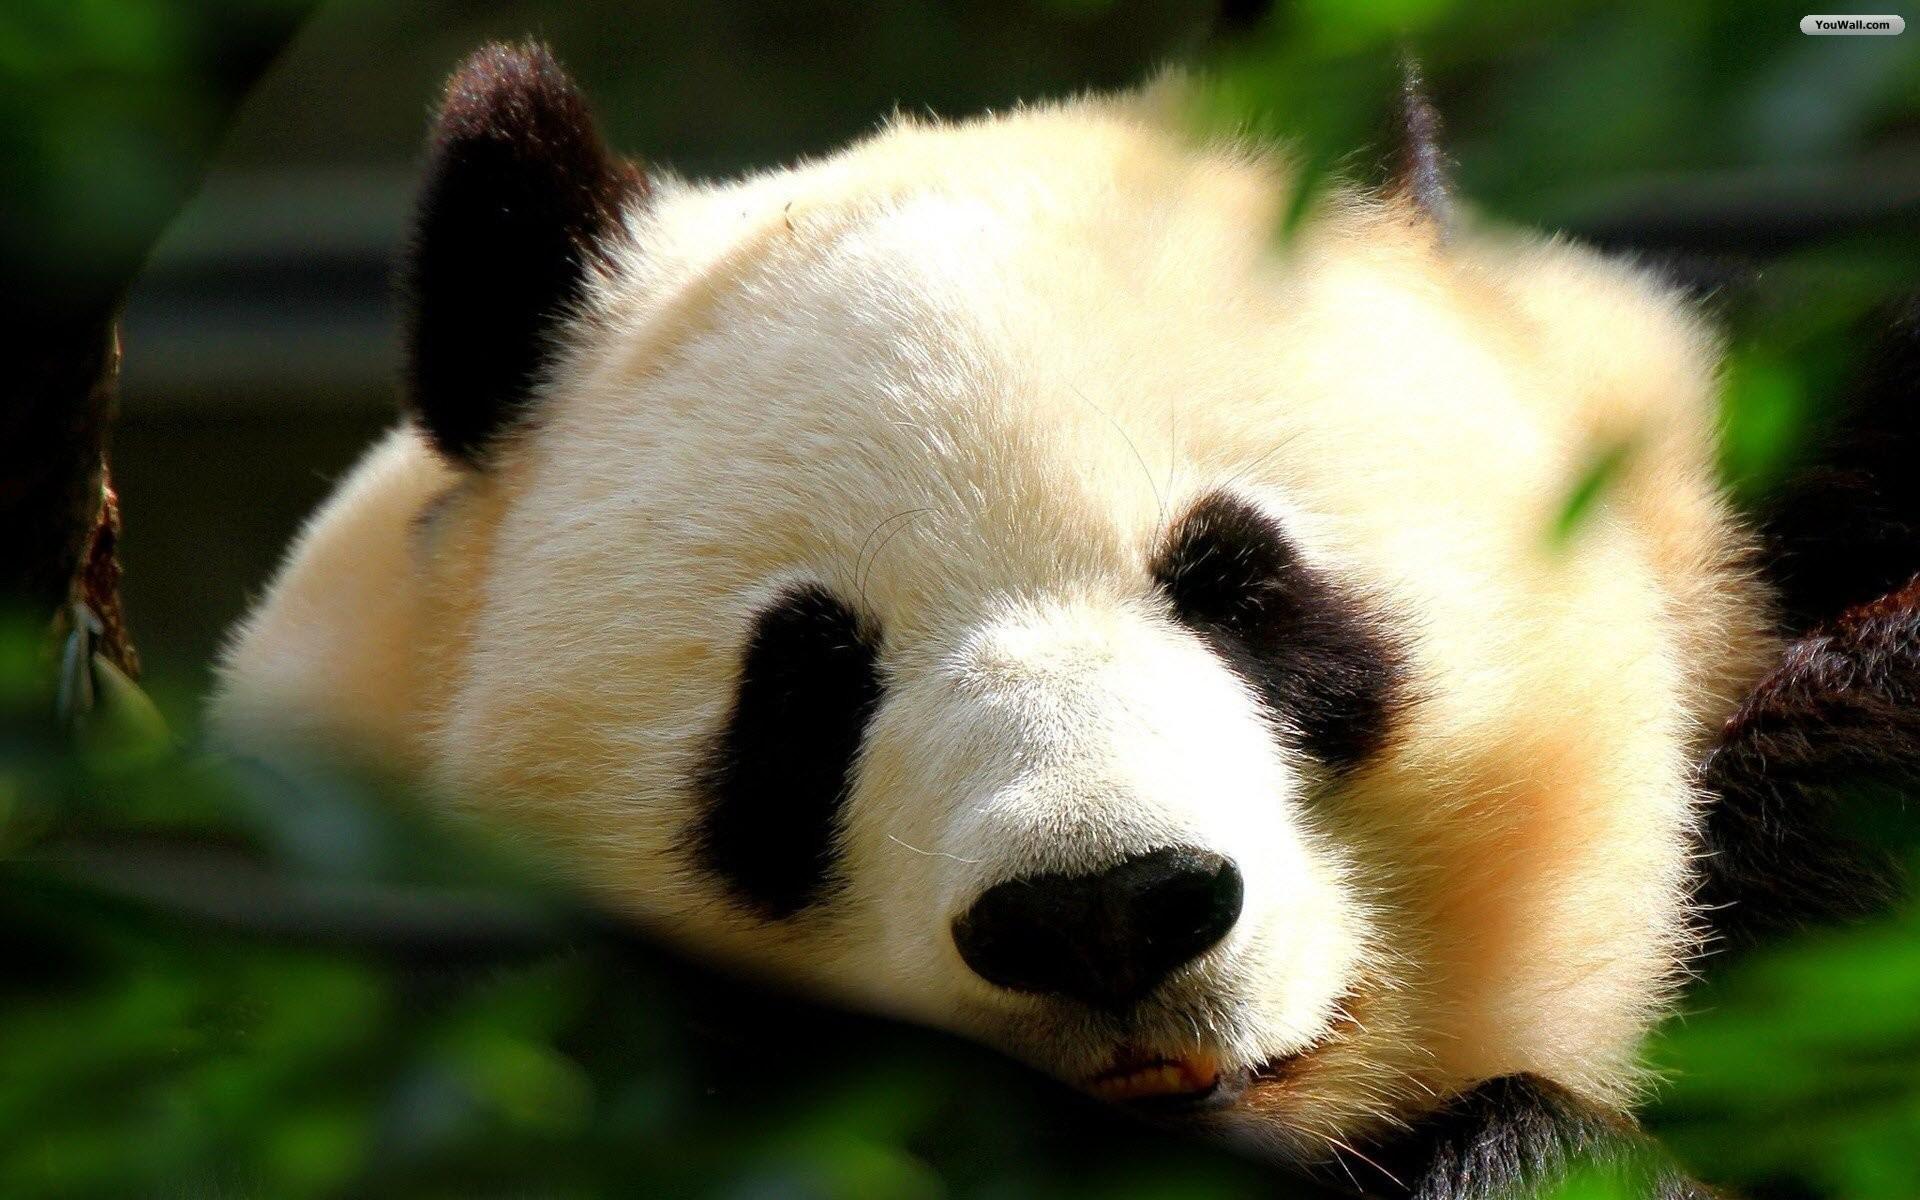 Adorable Panda Wallpaper